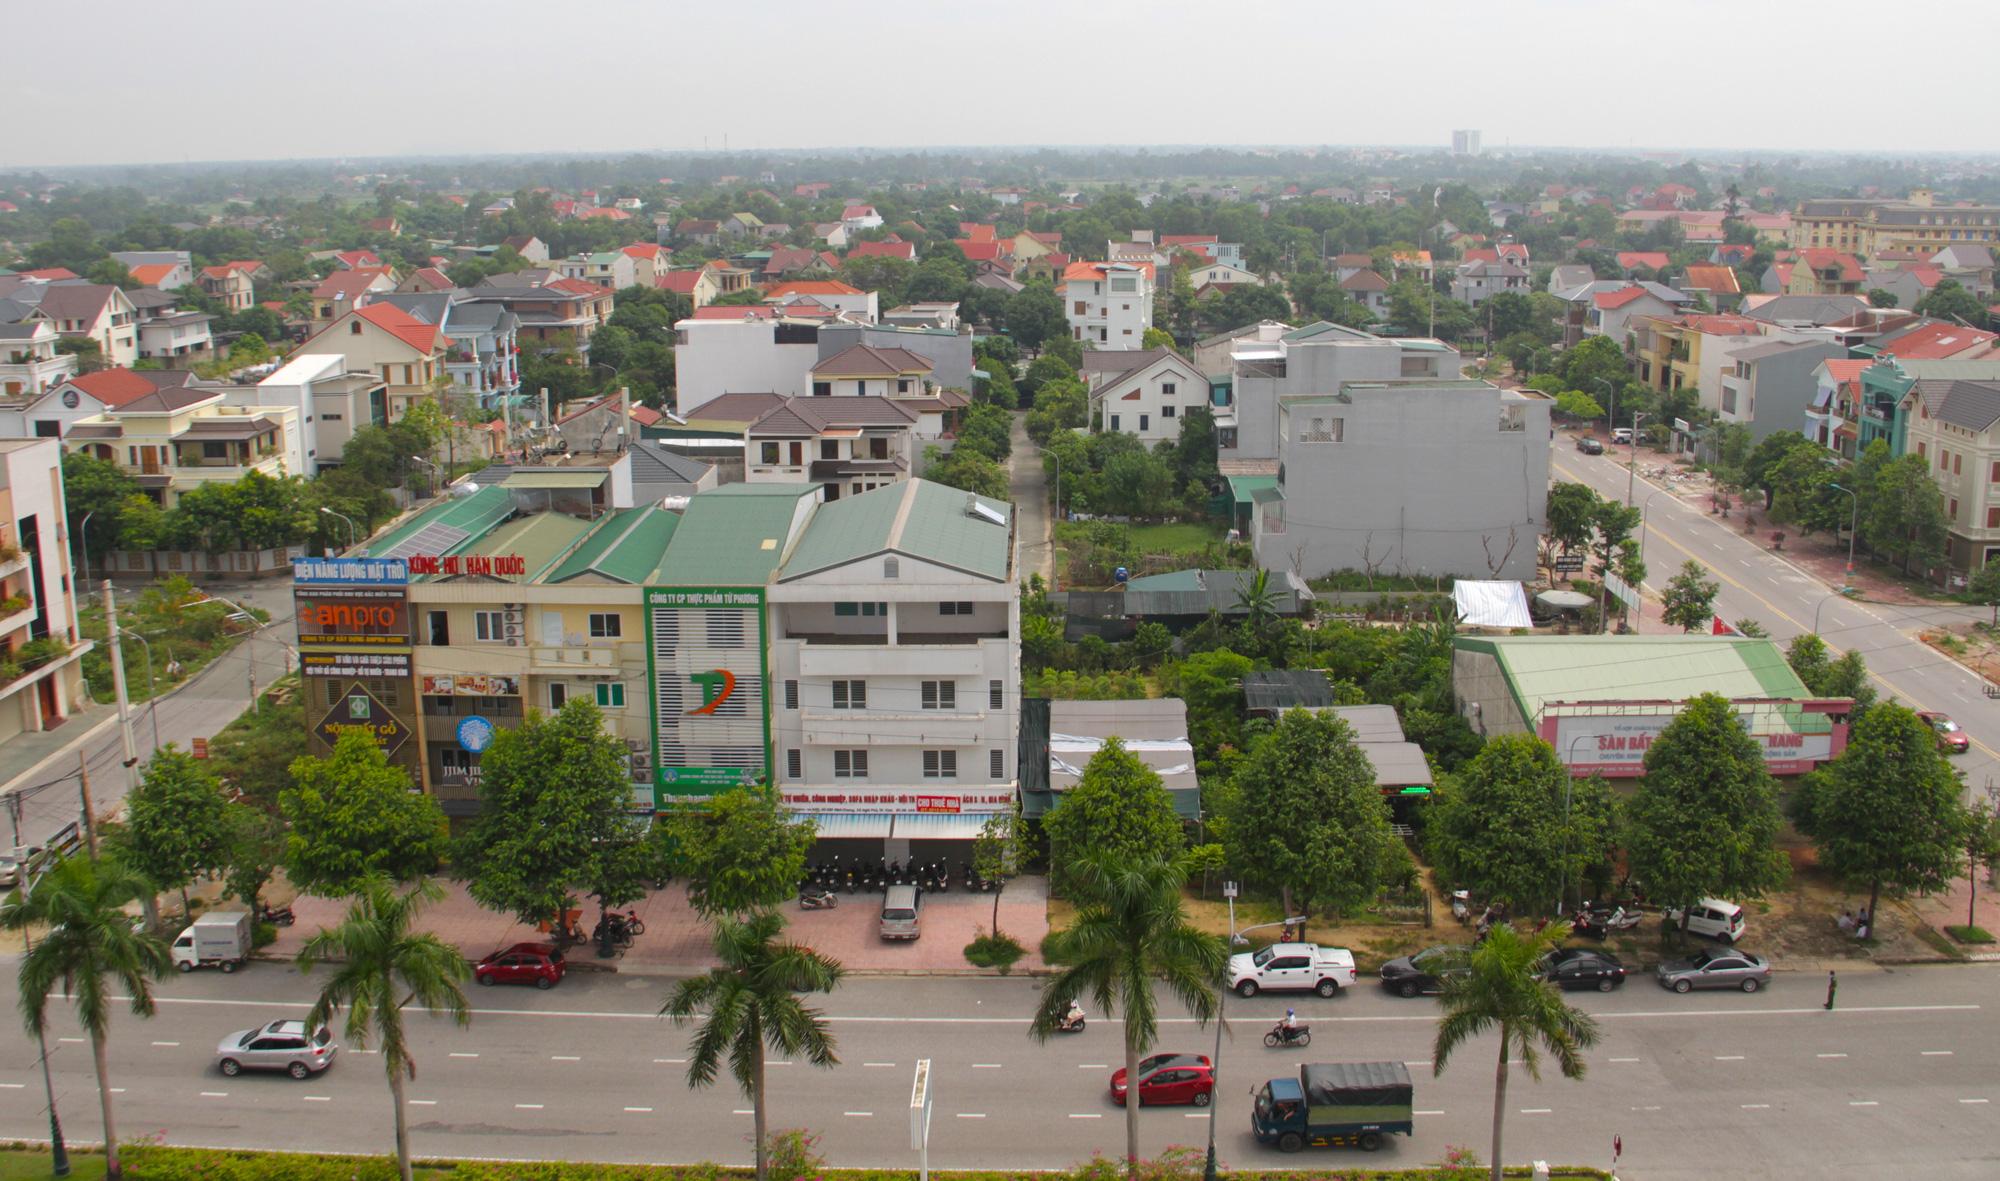 Cận cảnh khu đô thị vip ở Nghệ An khiến 2 vợ chồng đại gia bị bắt giam - Ảnh 1.